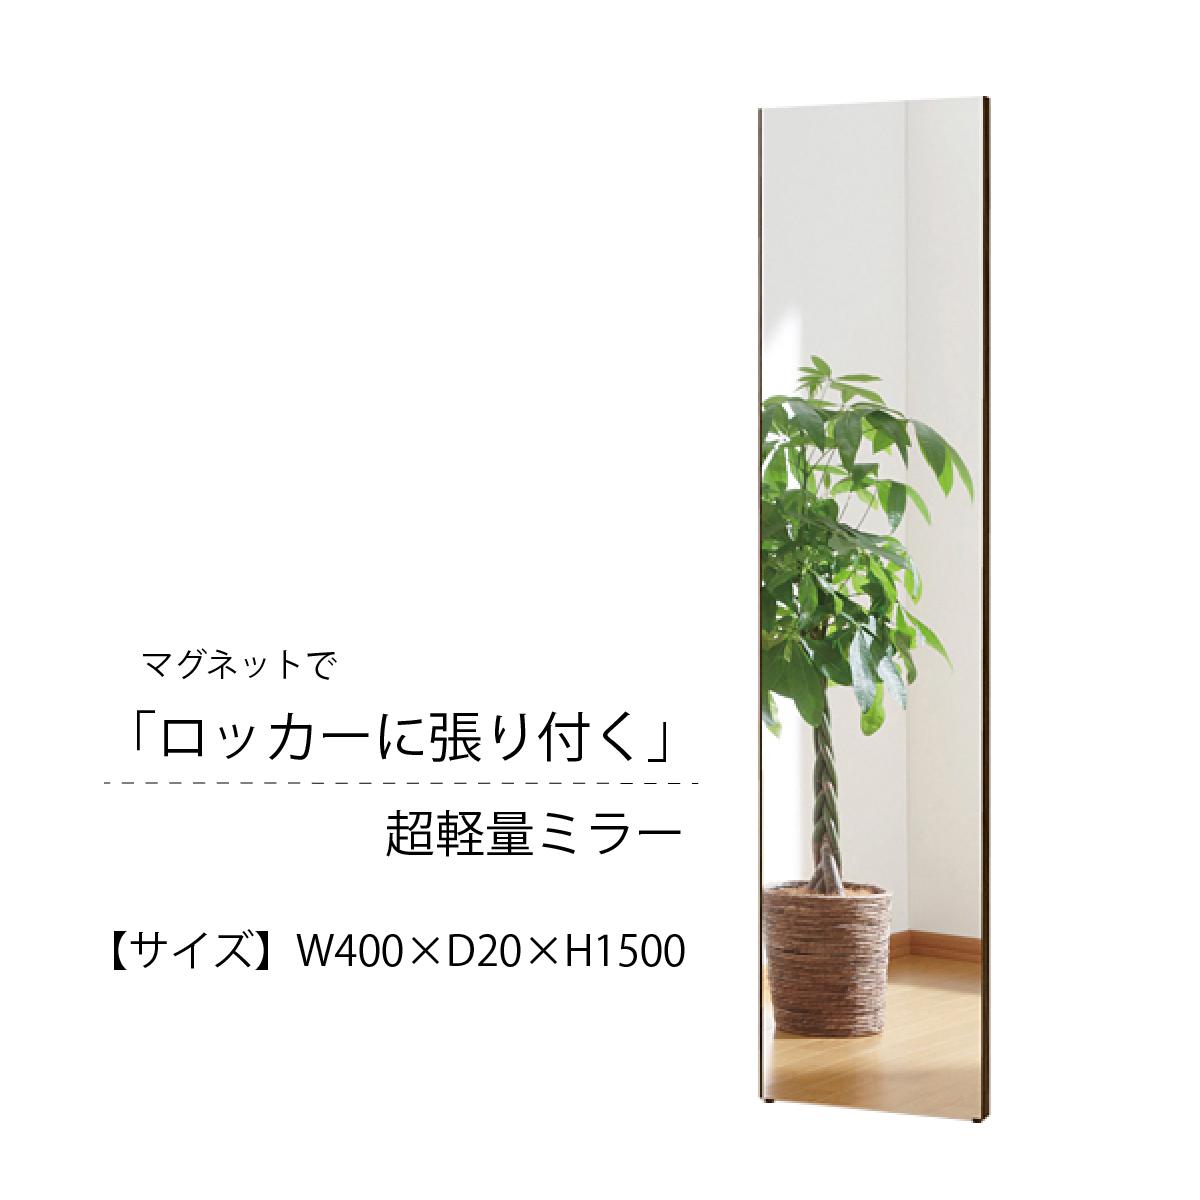 割れない軽量ミラー 高さ150cm ( 姿見 ミラー 鏡 マグネット 壁掛け 全身 おしゃれ 割れない )